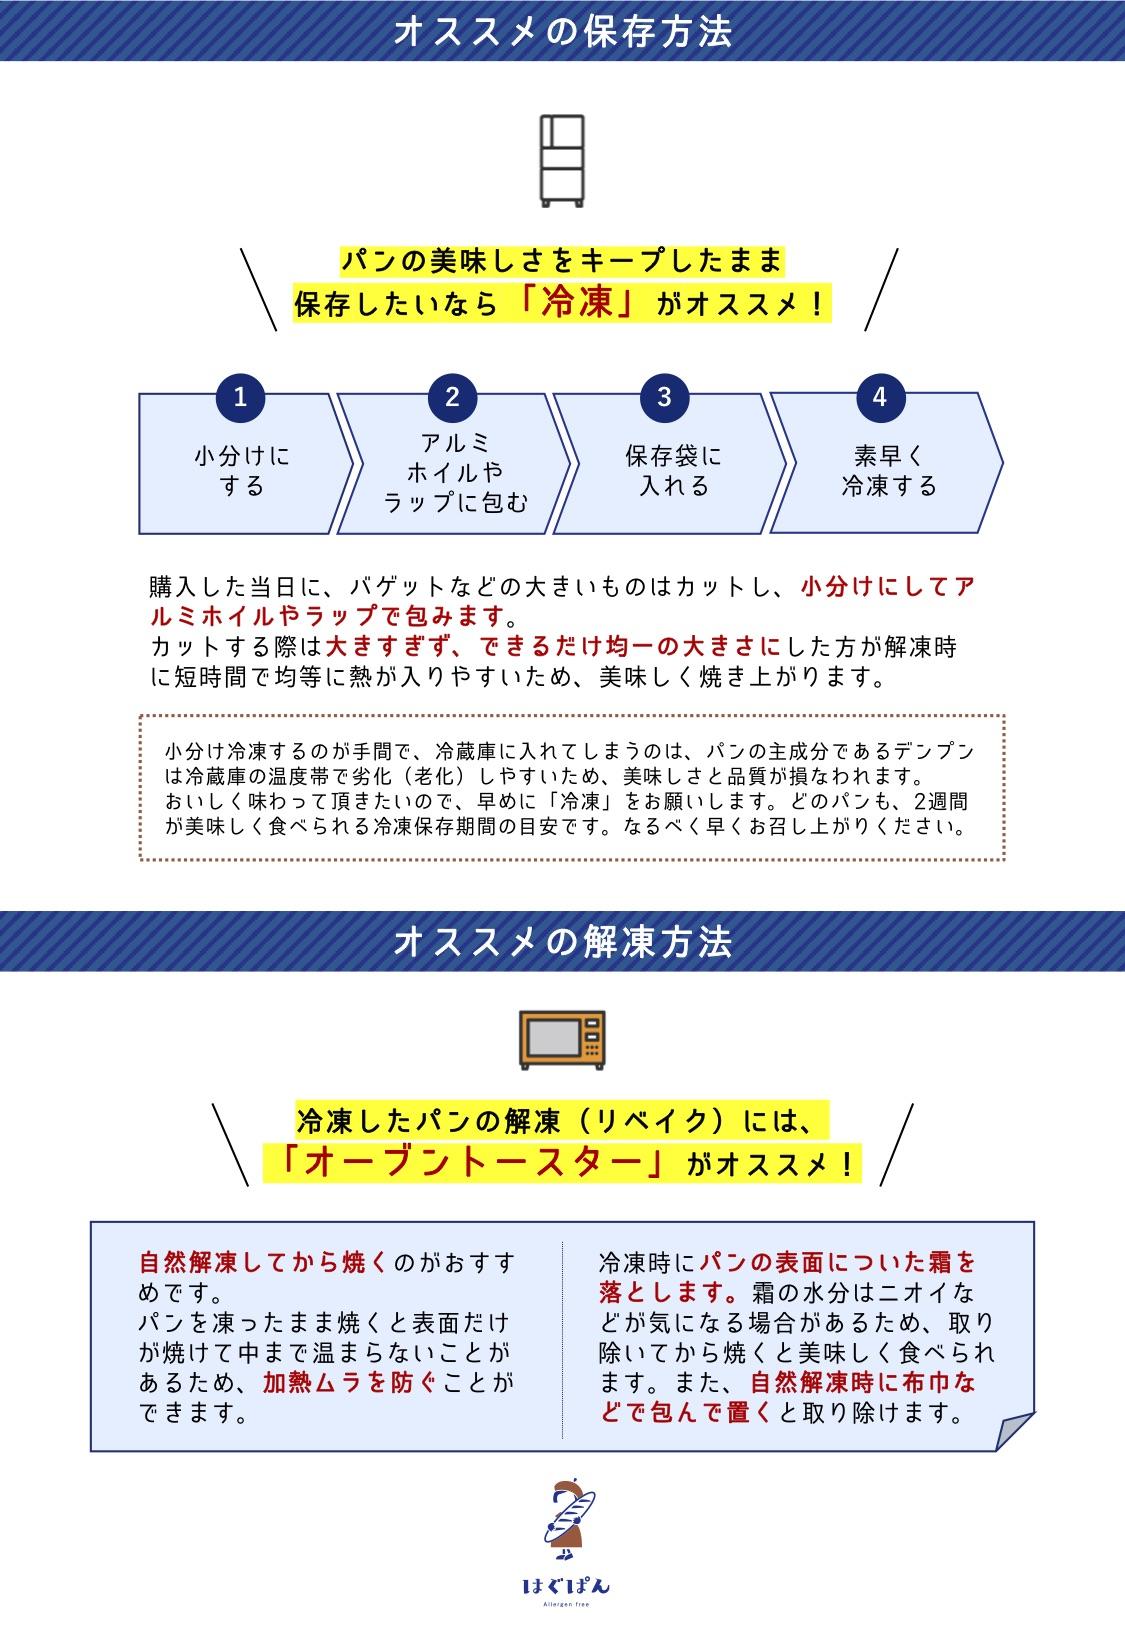 【はぐぱん】美味しい食べ方(保存方法・解凍方法)